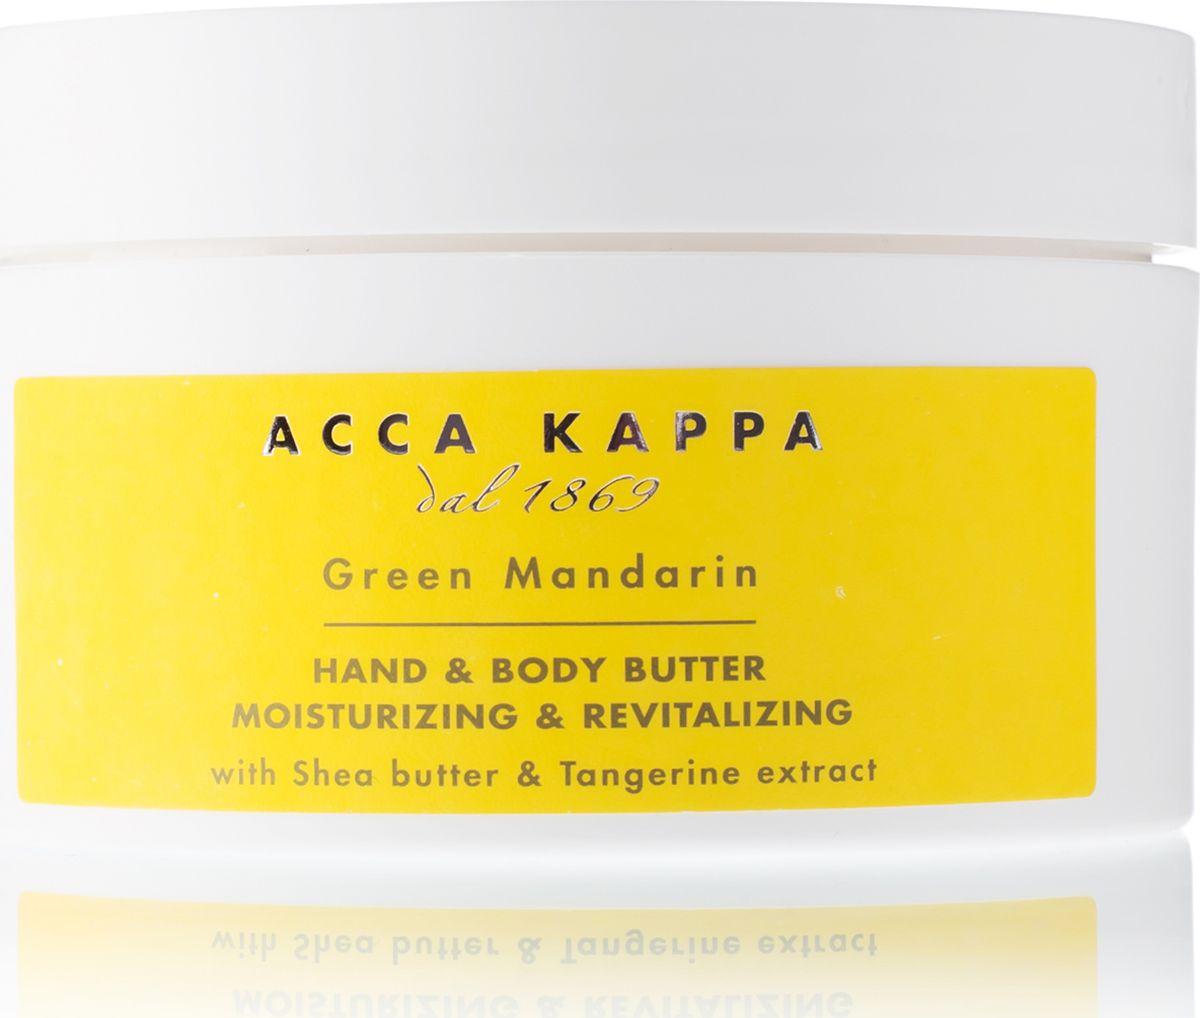 Acca Kappa Масло для рук и тела Зеленый Мандарин 200 мл853471Масло для рук и тела сделано из масла ши и обогащено экстрактом мандарина. Питает, восстанавливает и защищает кожу, оставляя ее естественно увлажненной.